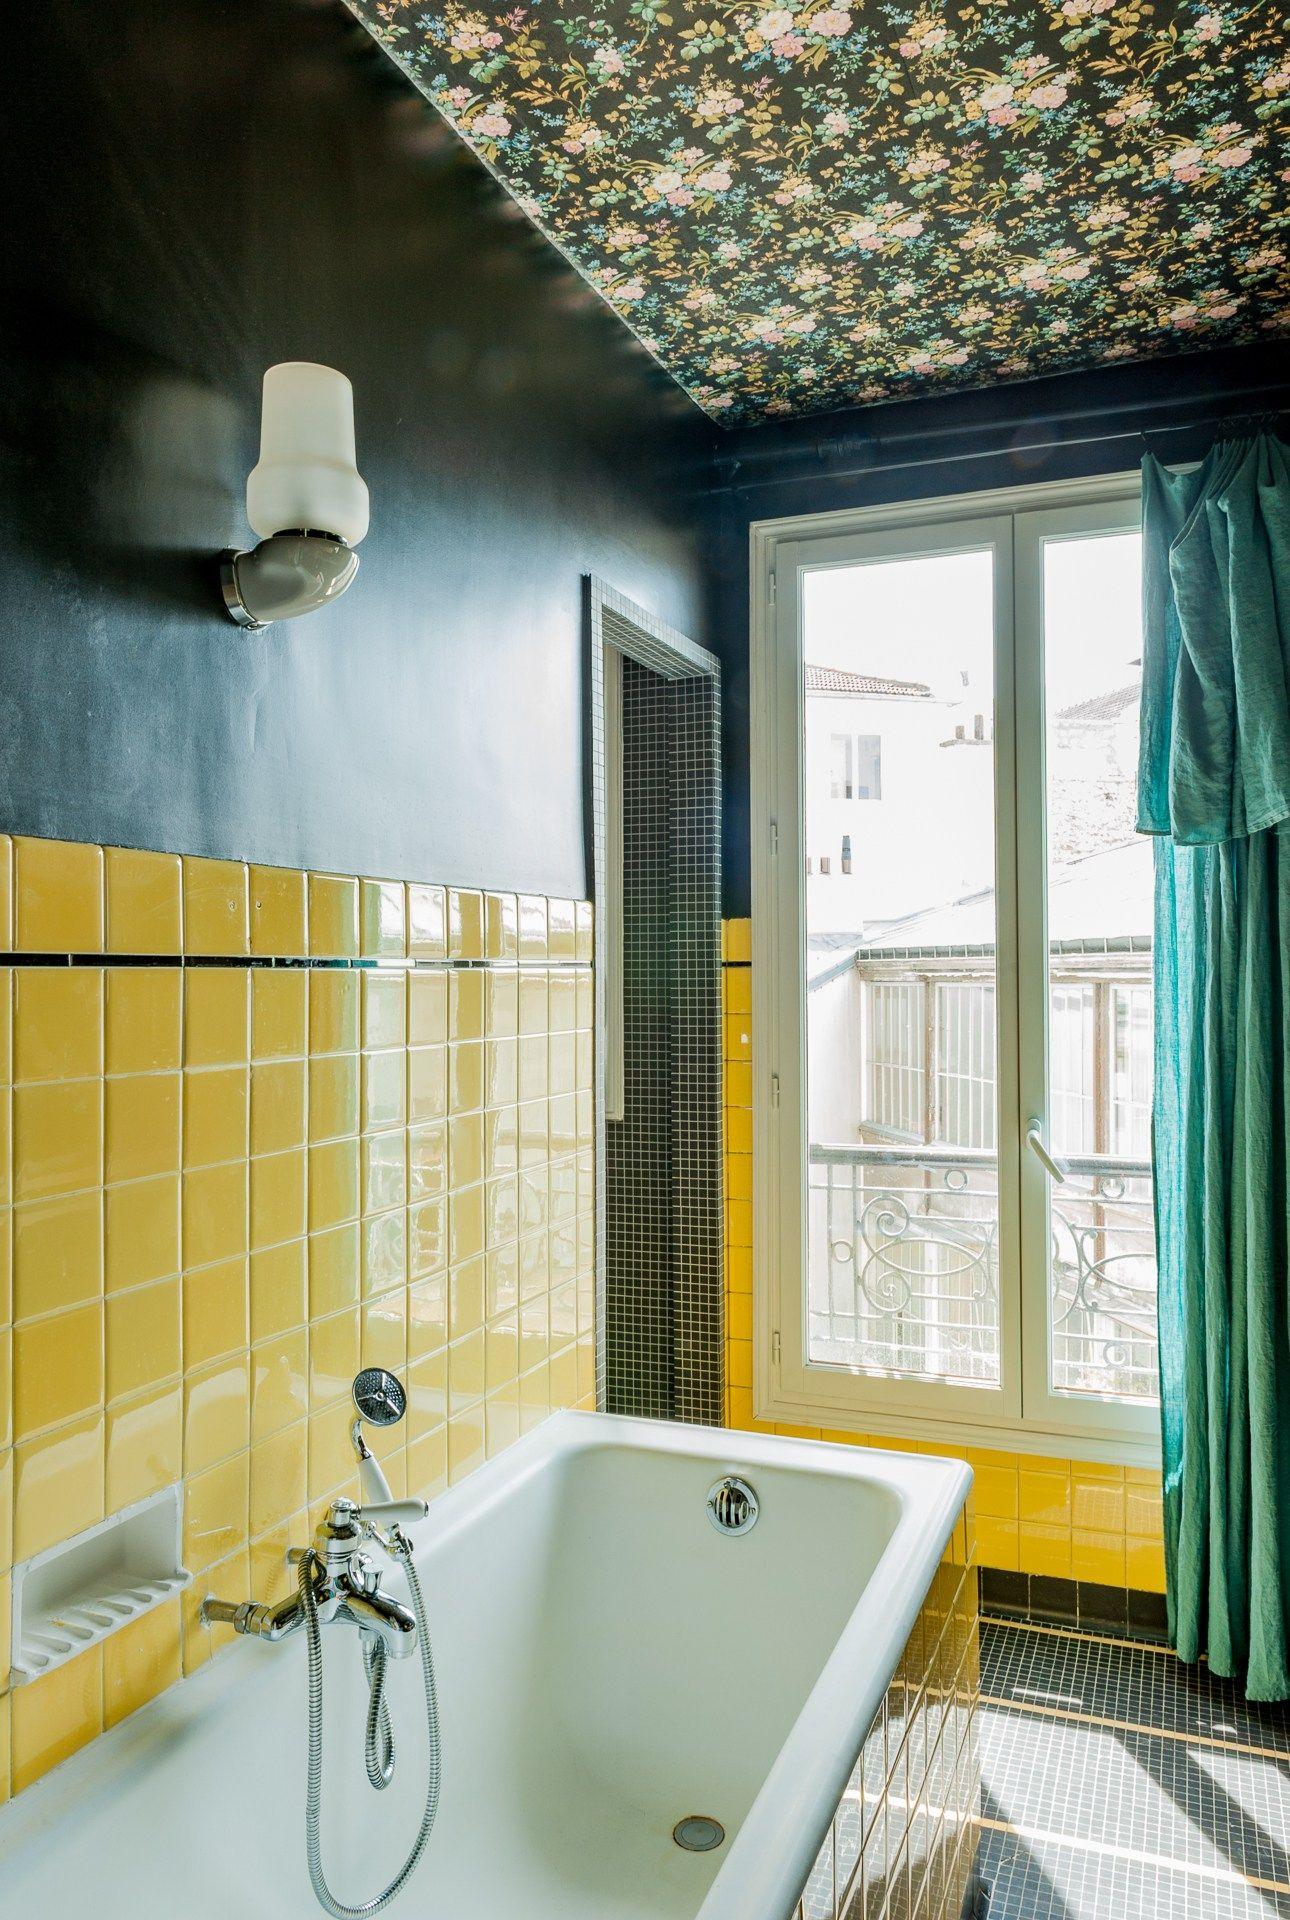 Decoration Salle De Bain Papier Peint ~ salle de bain papier peint plafond fontaine 4 pinterest bath